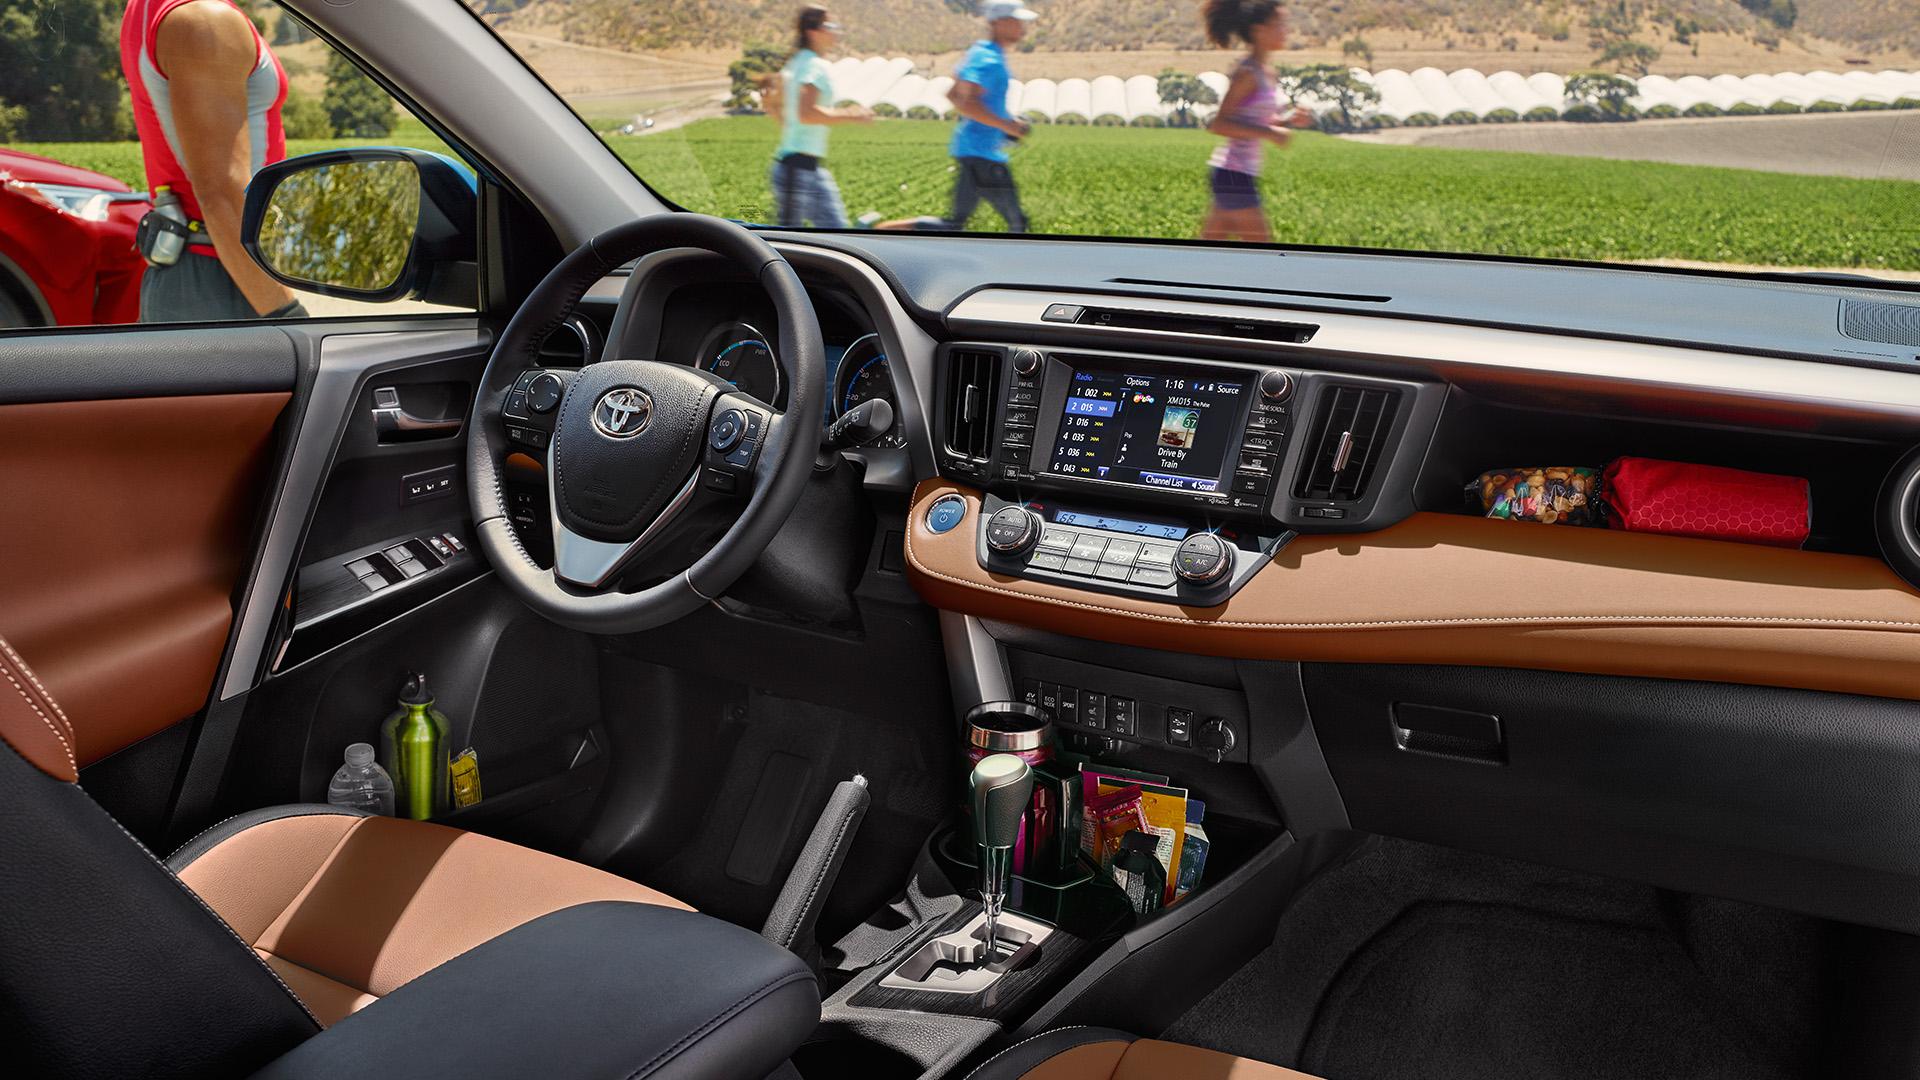 2017 Toyota Rav4 Technology